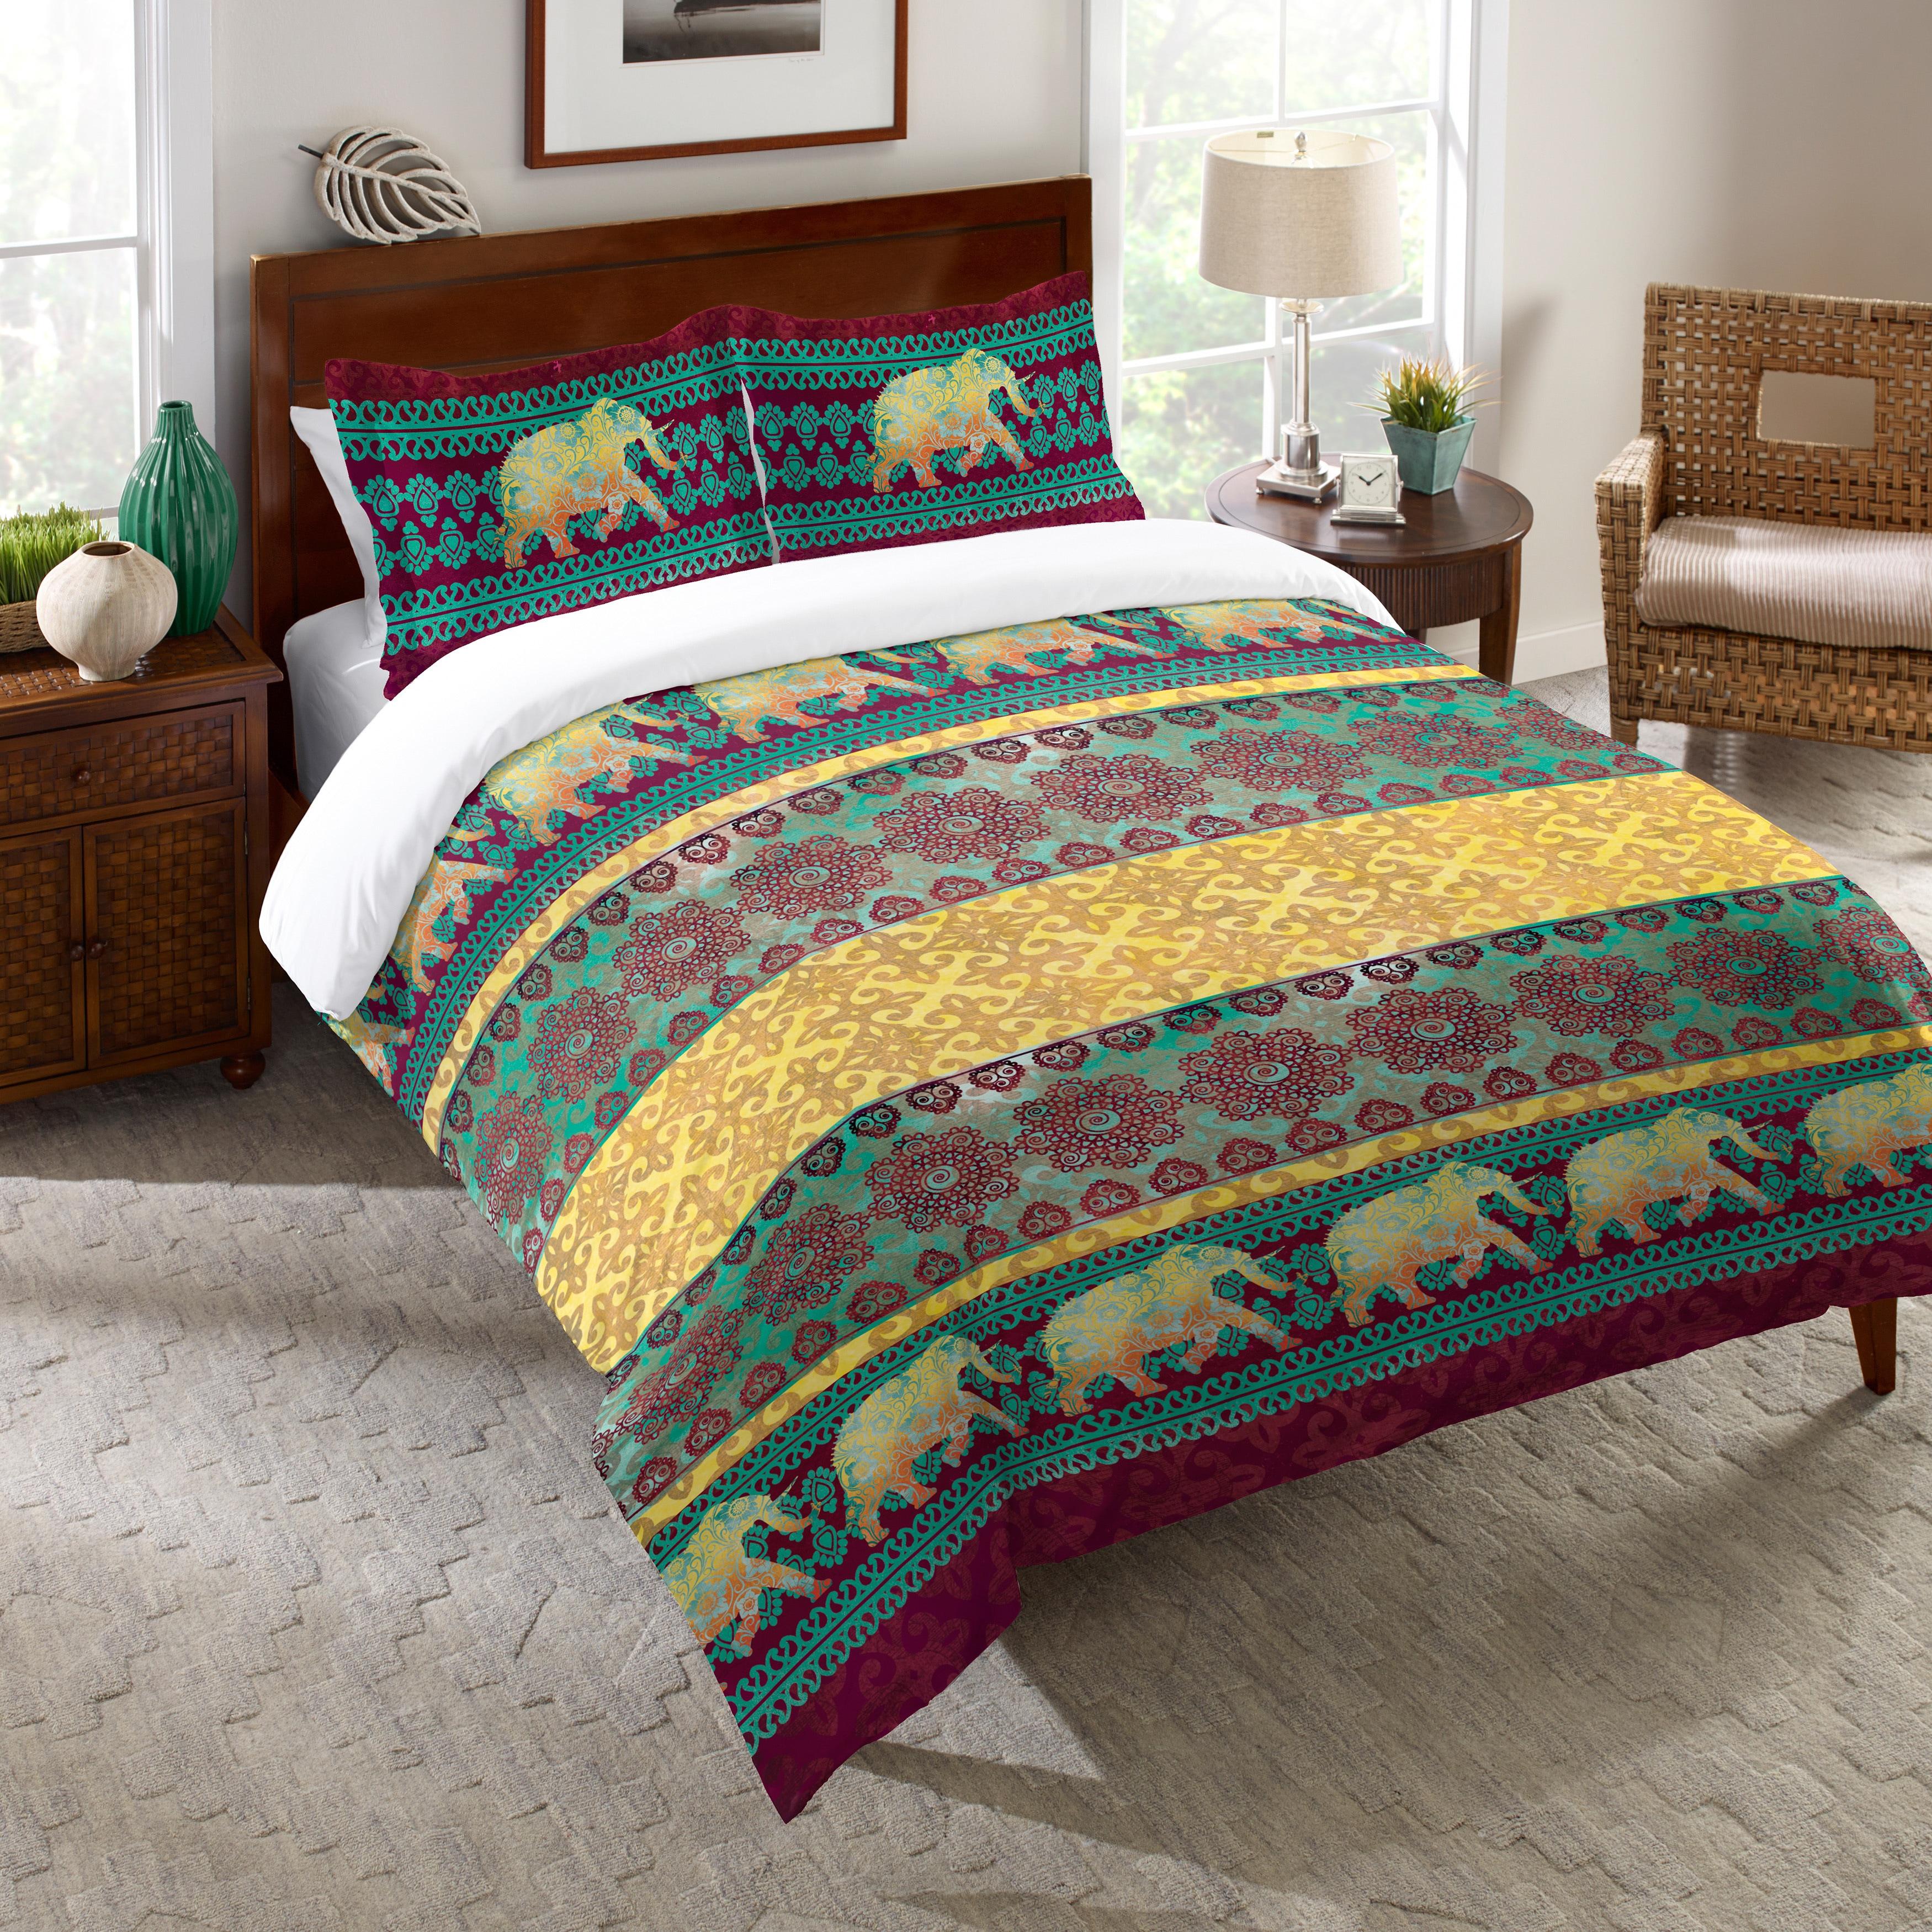 Laural Home Moroccan Elephants Comforter (Queen), Gold (C...